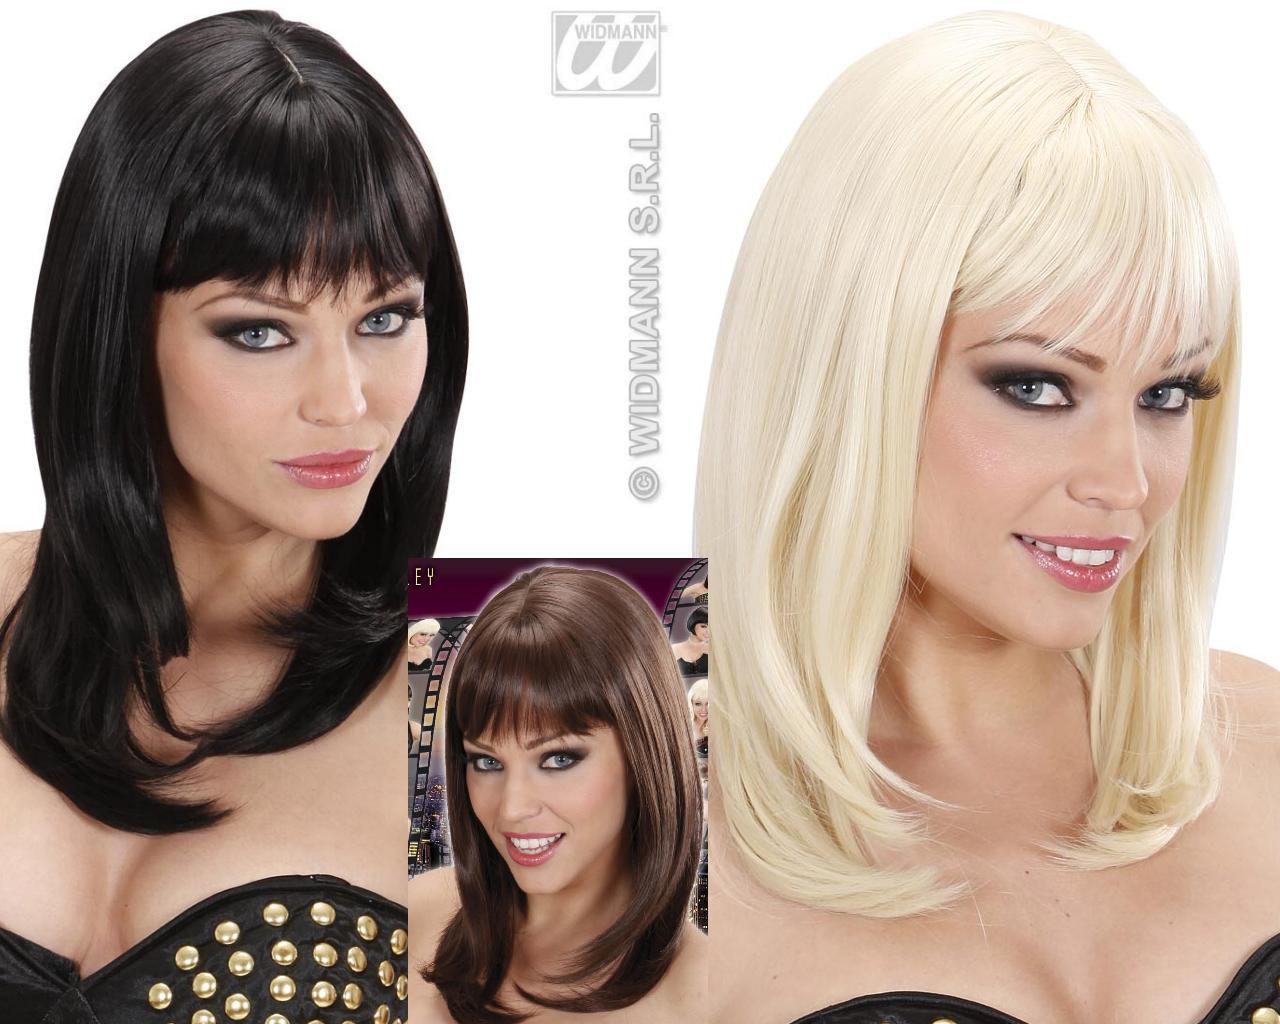 Perücke wie ECHTHAAR, Neuheit: glatt Schulterlang schwarz, blond, braun